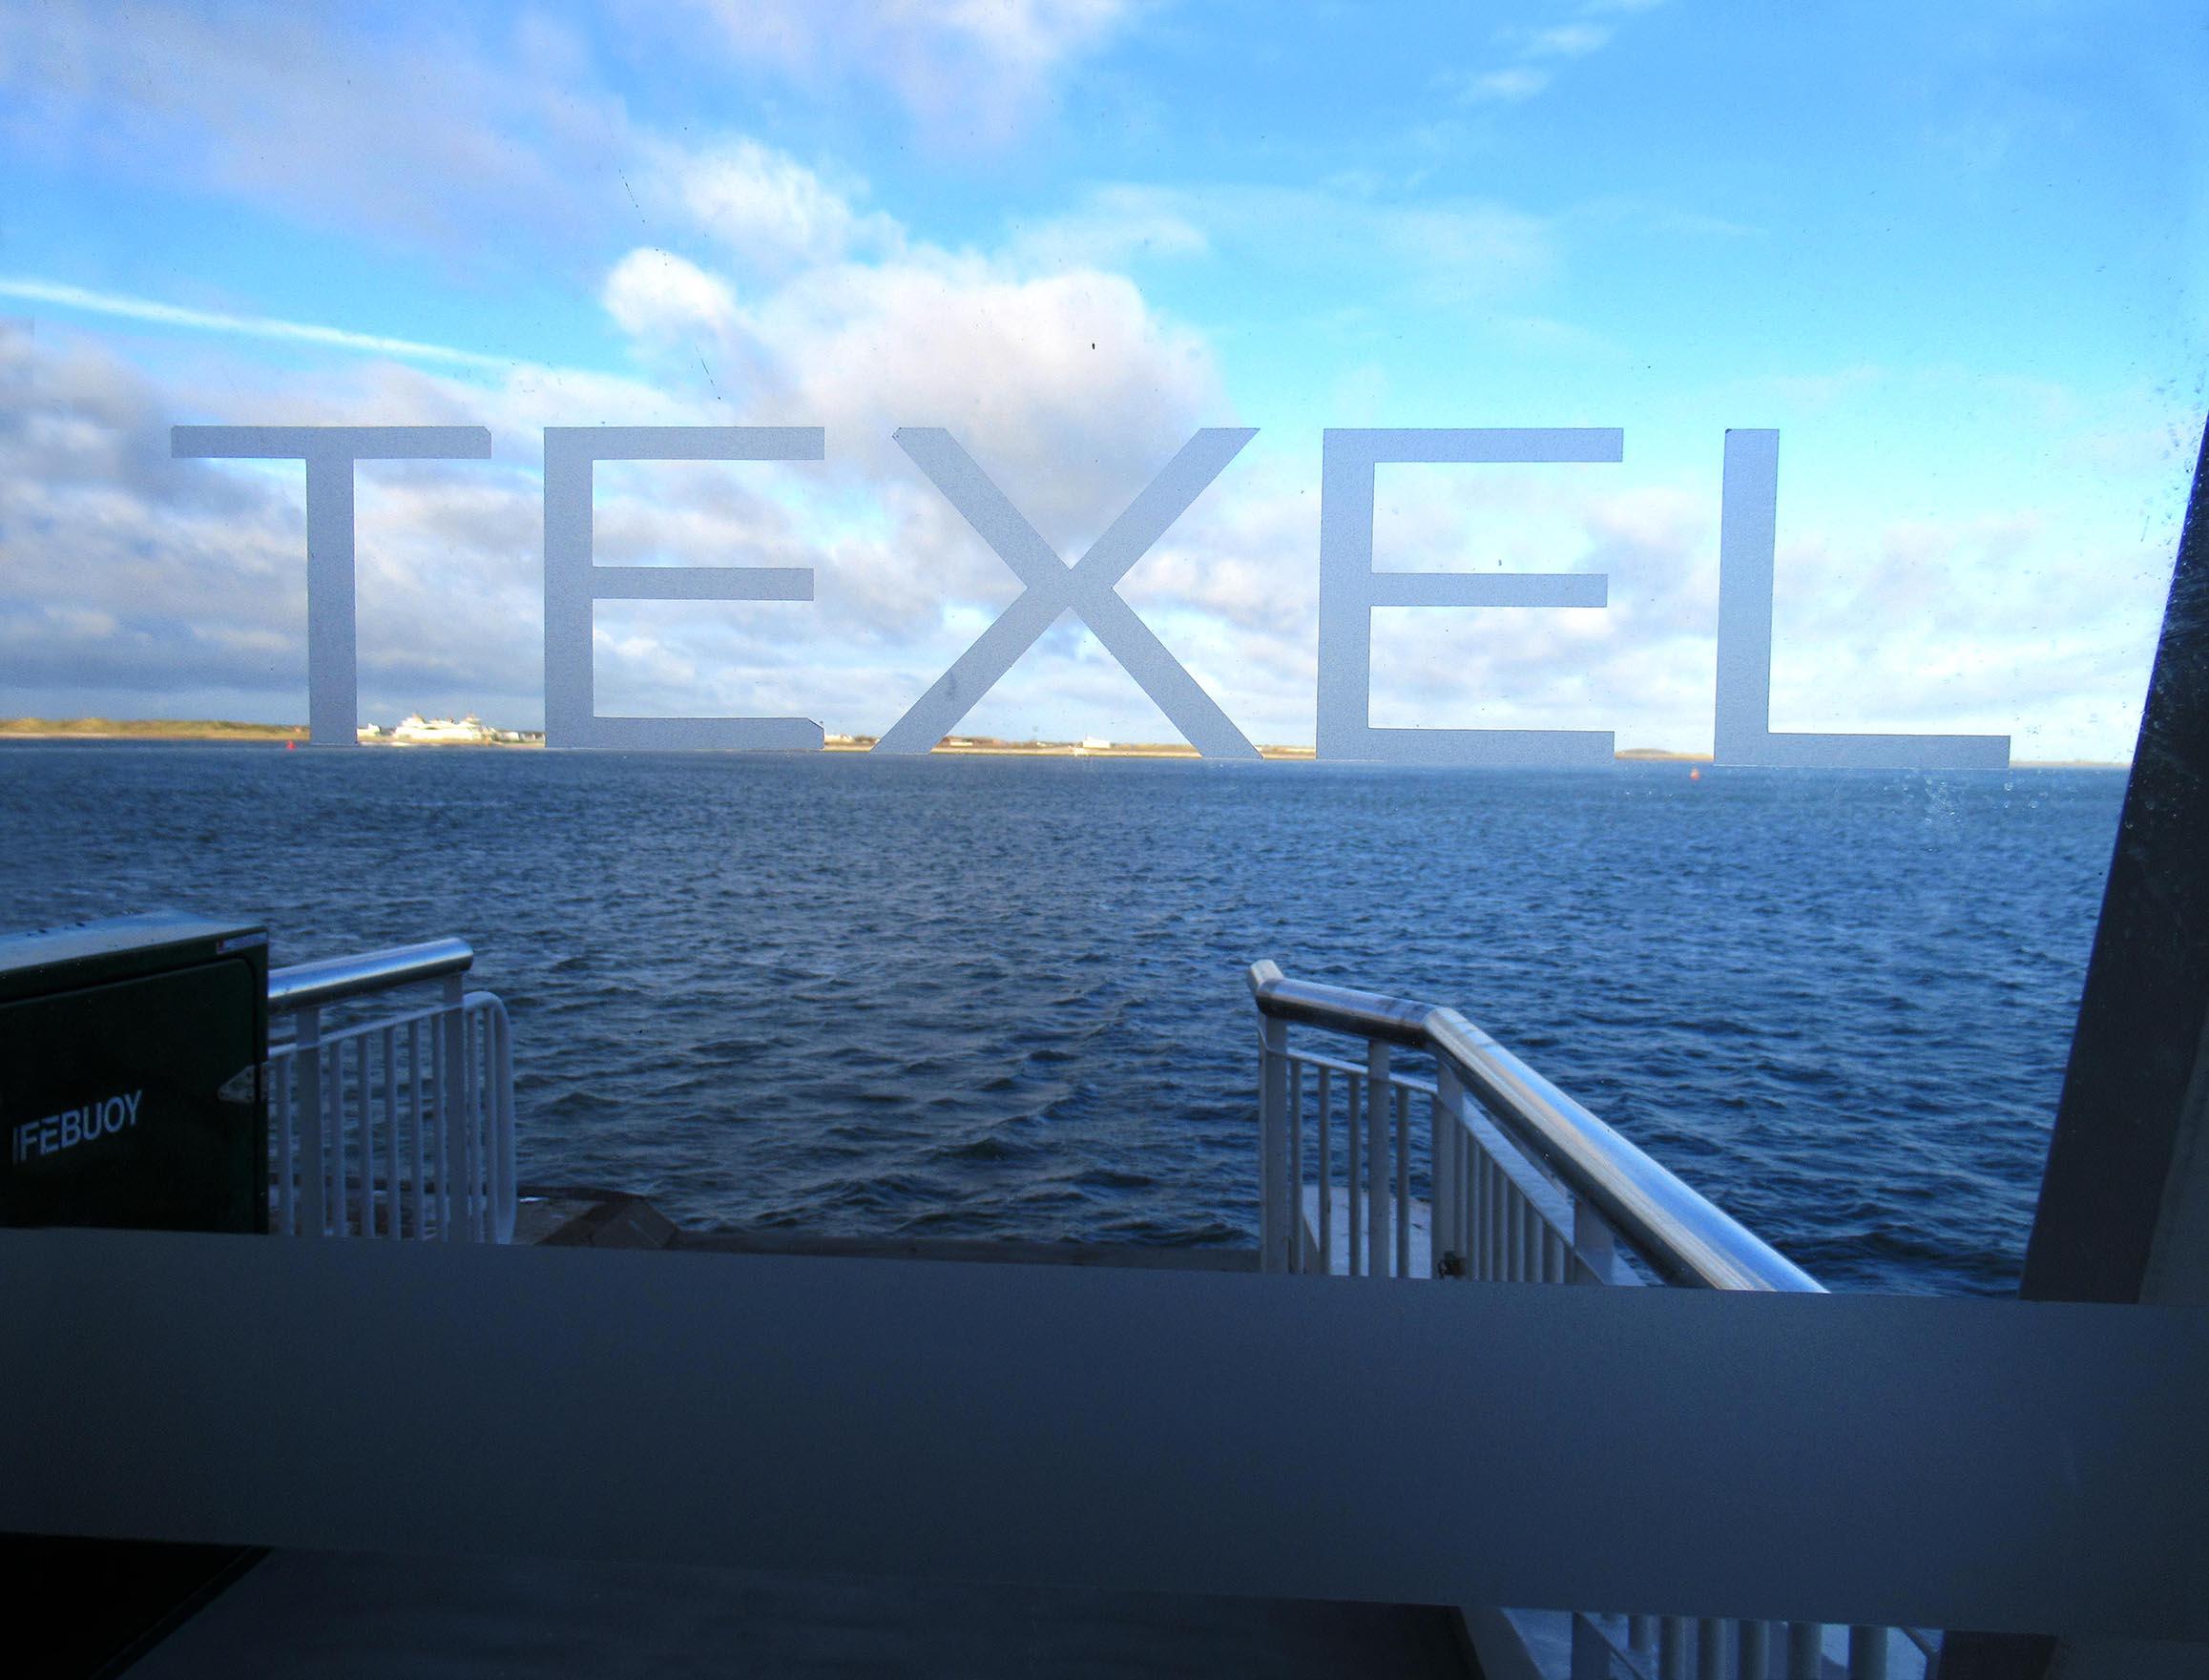 Door de glazen deur van de veerboot zagen we Texel liggen – Foto: ©Louis Fraanje